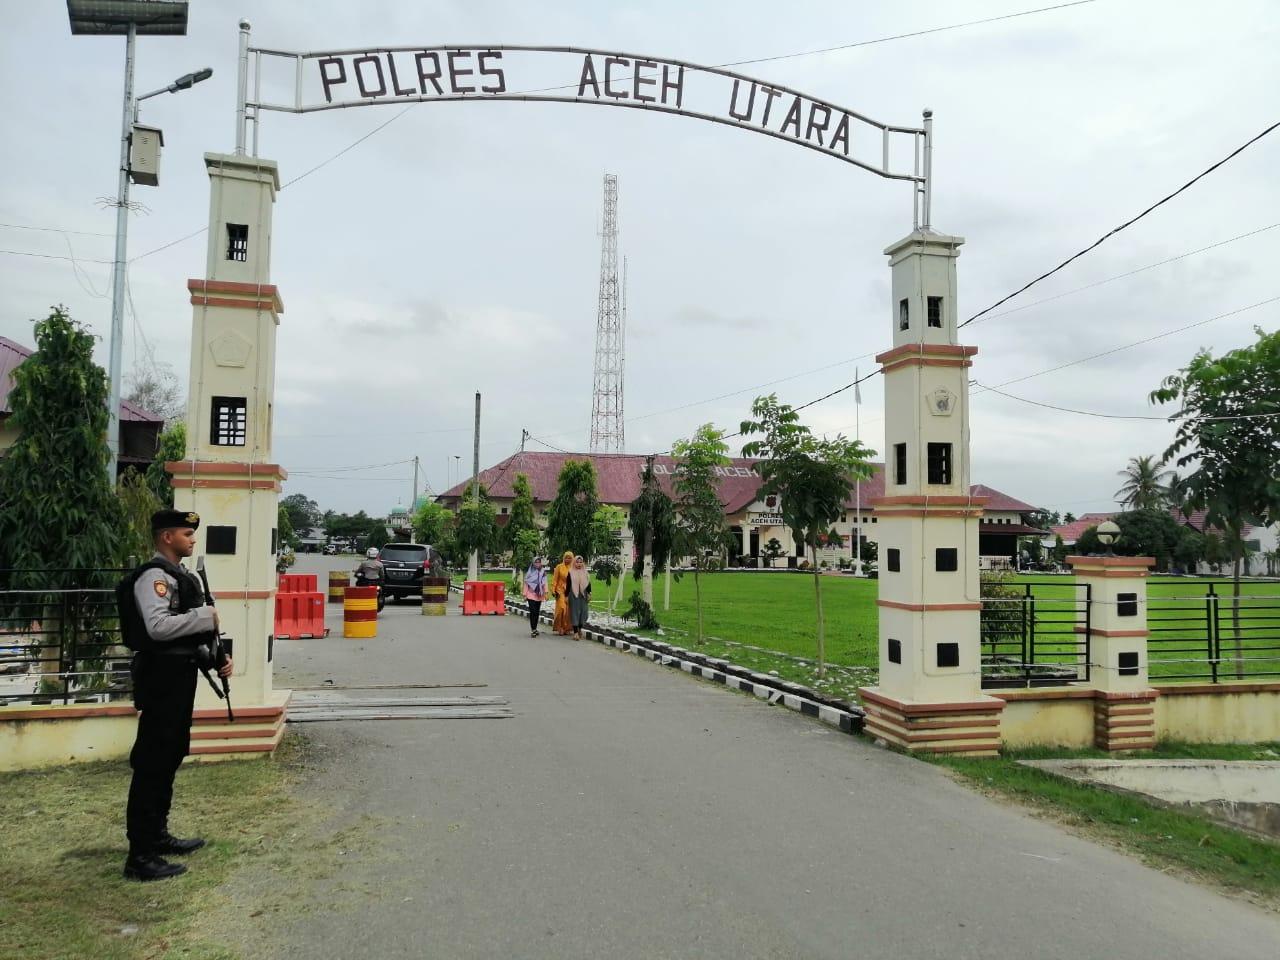 Polres Aceh Utara Tingkatkan Pengamanan Pasca Bom Bunuh Diri di Medan